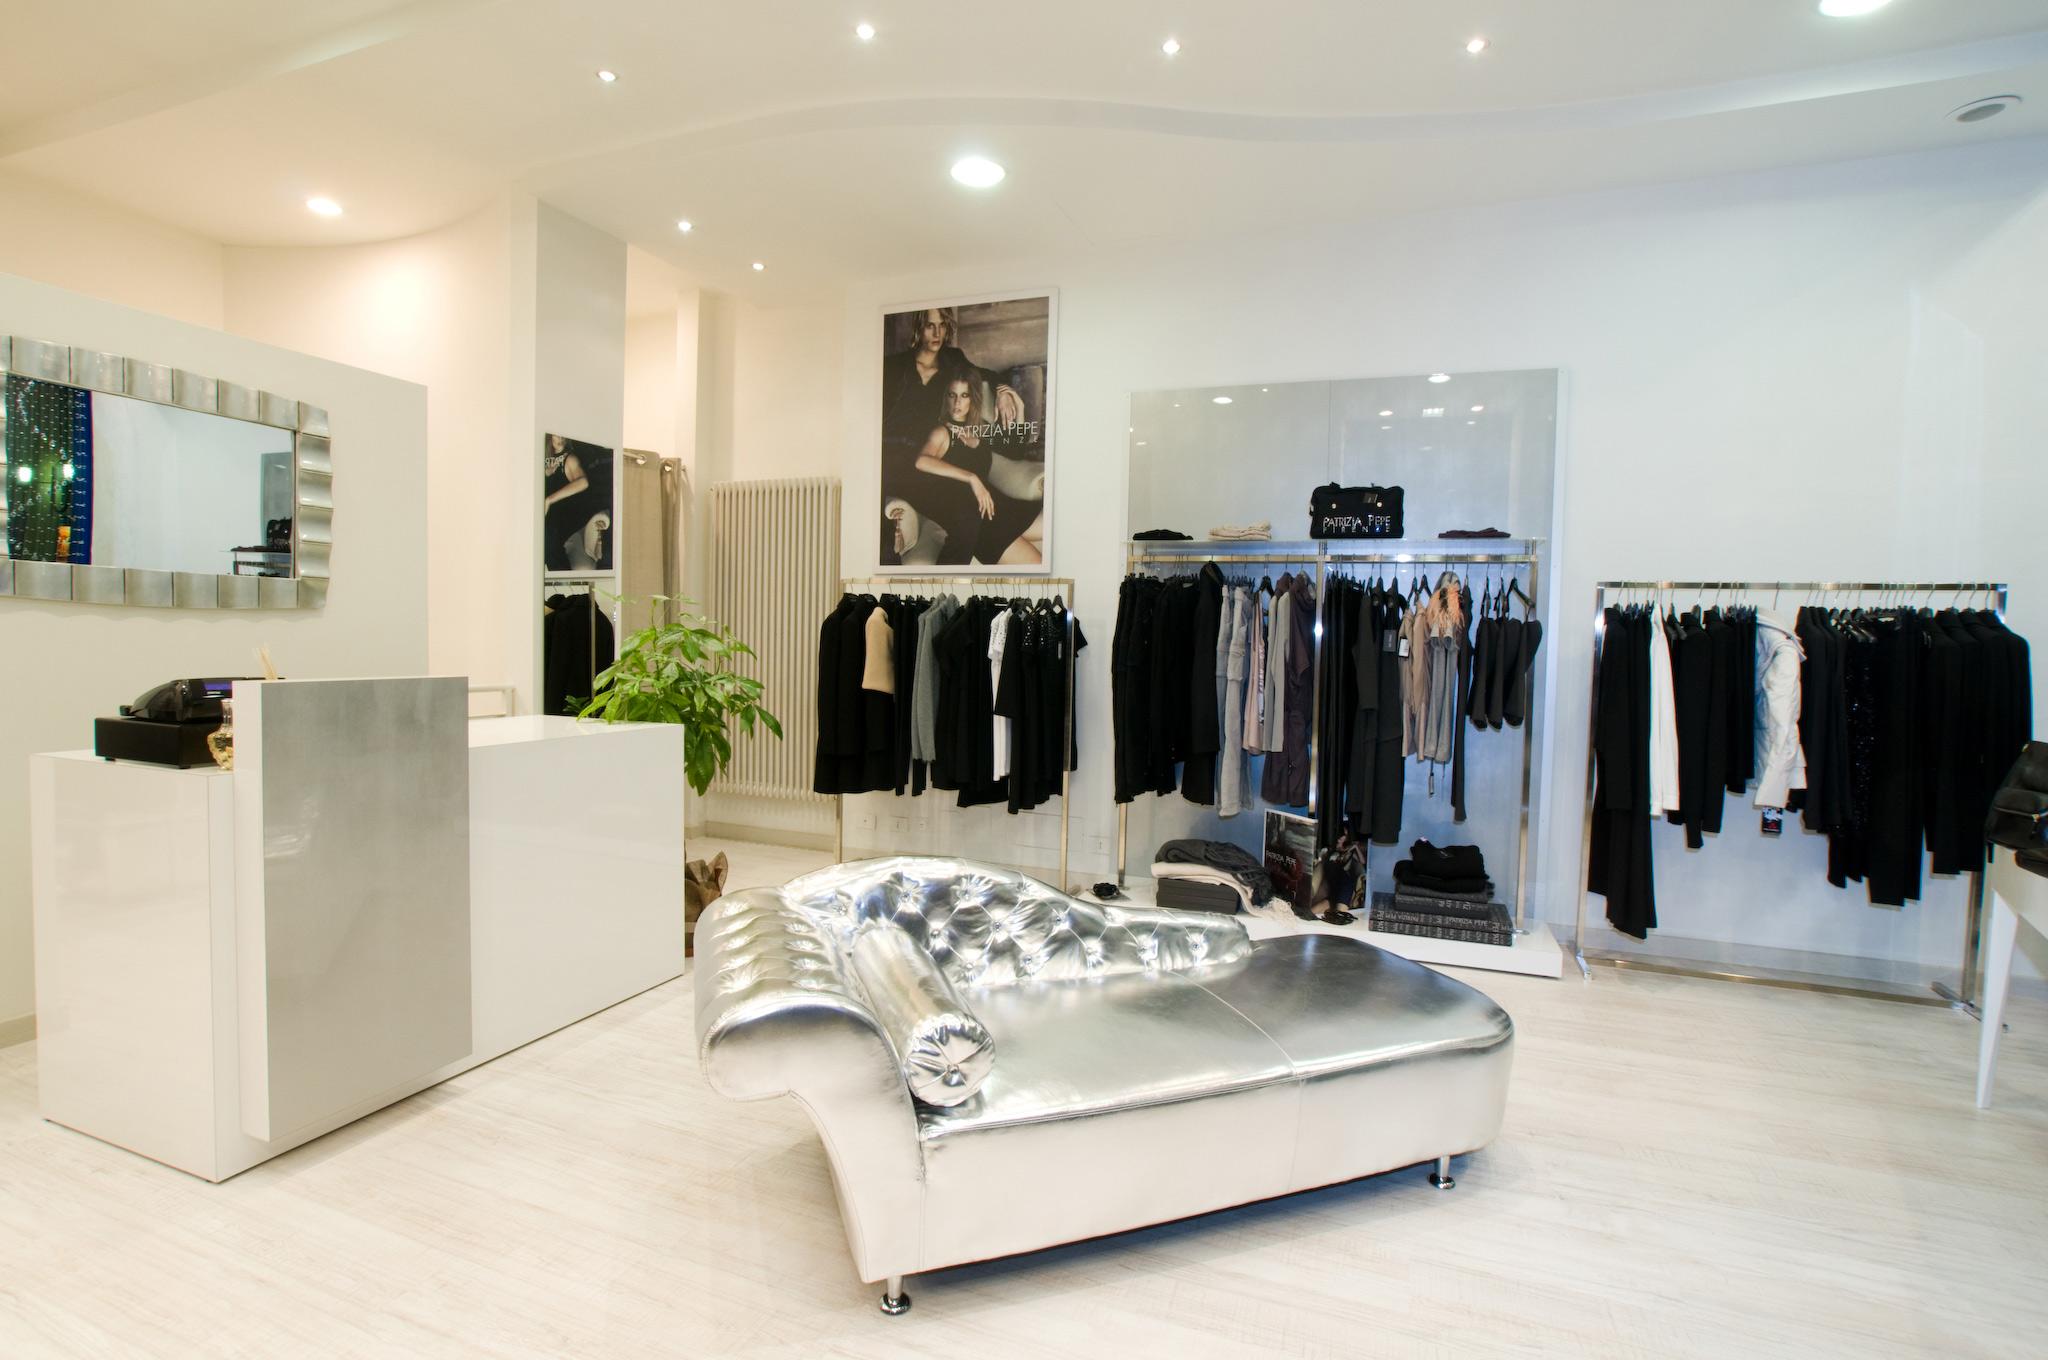 arredamento per negozi di abbigliamento toscana belardi ForArredamento Negozi